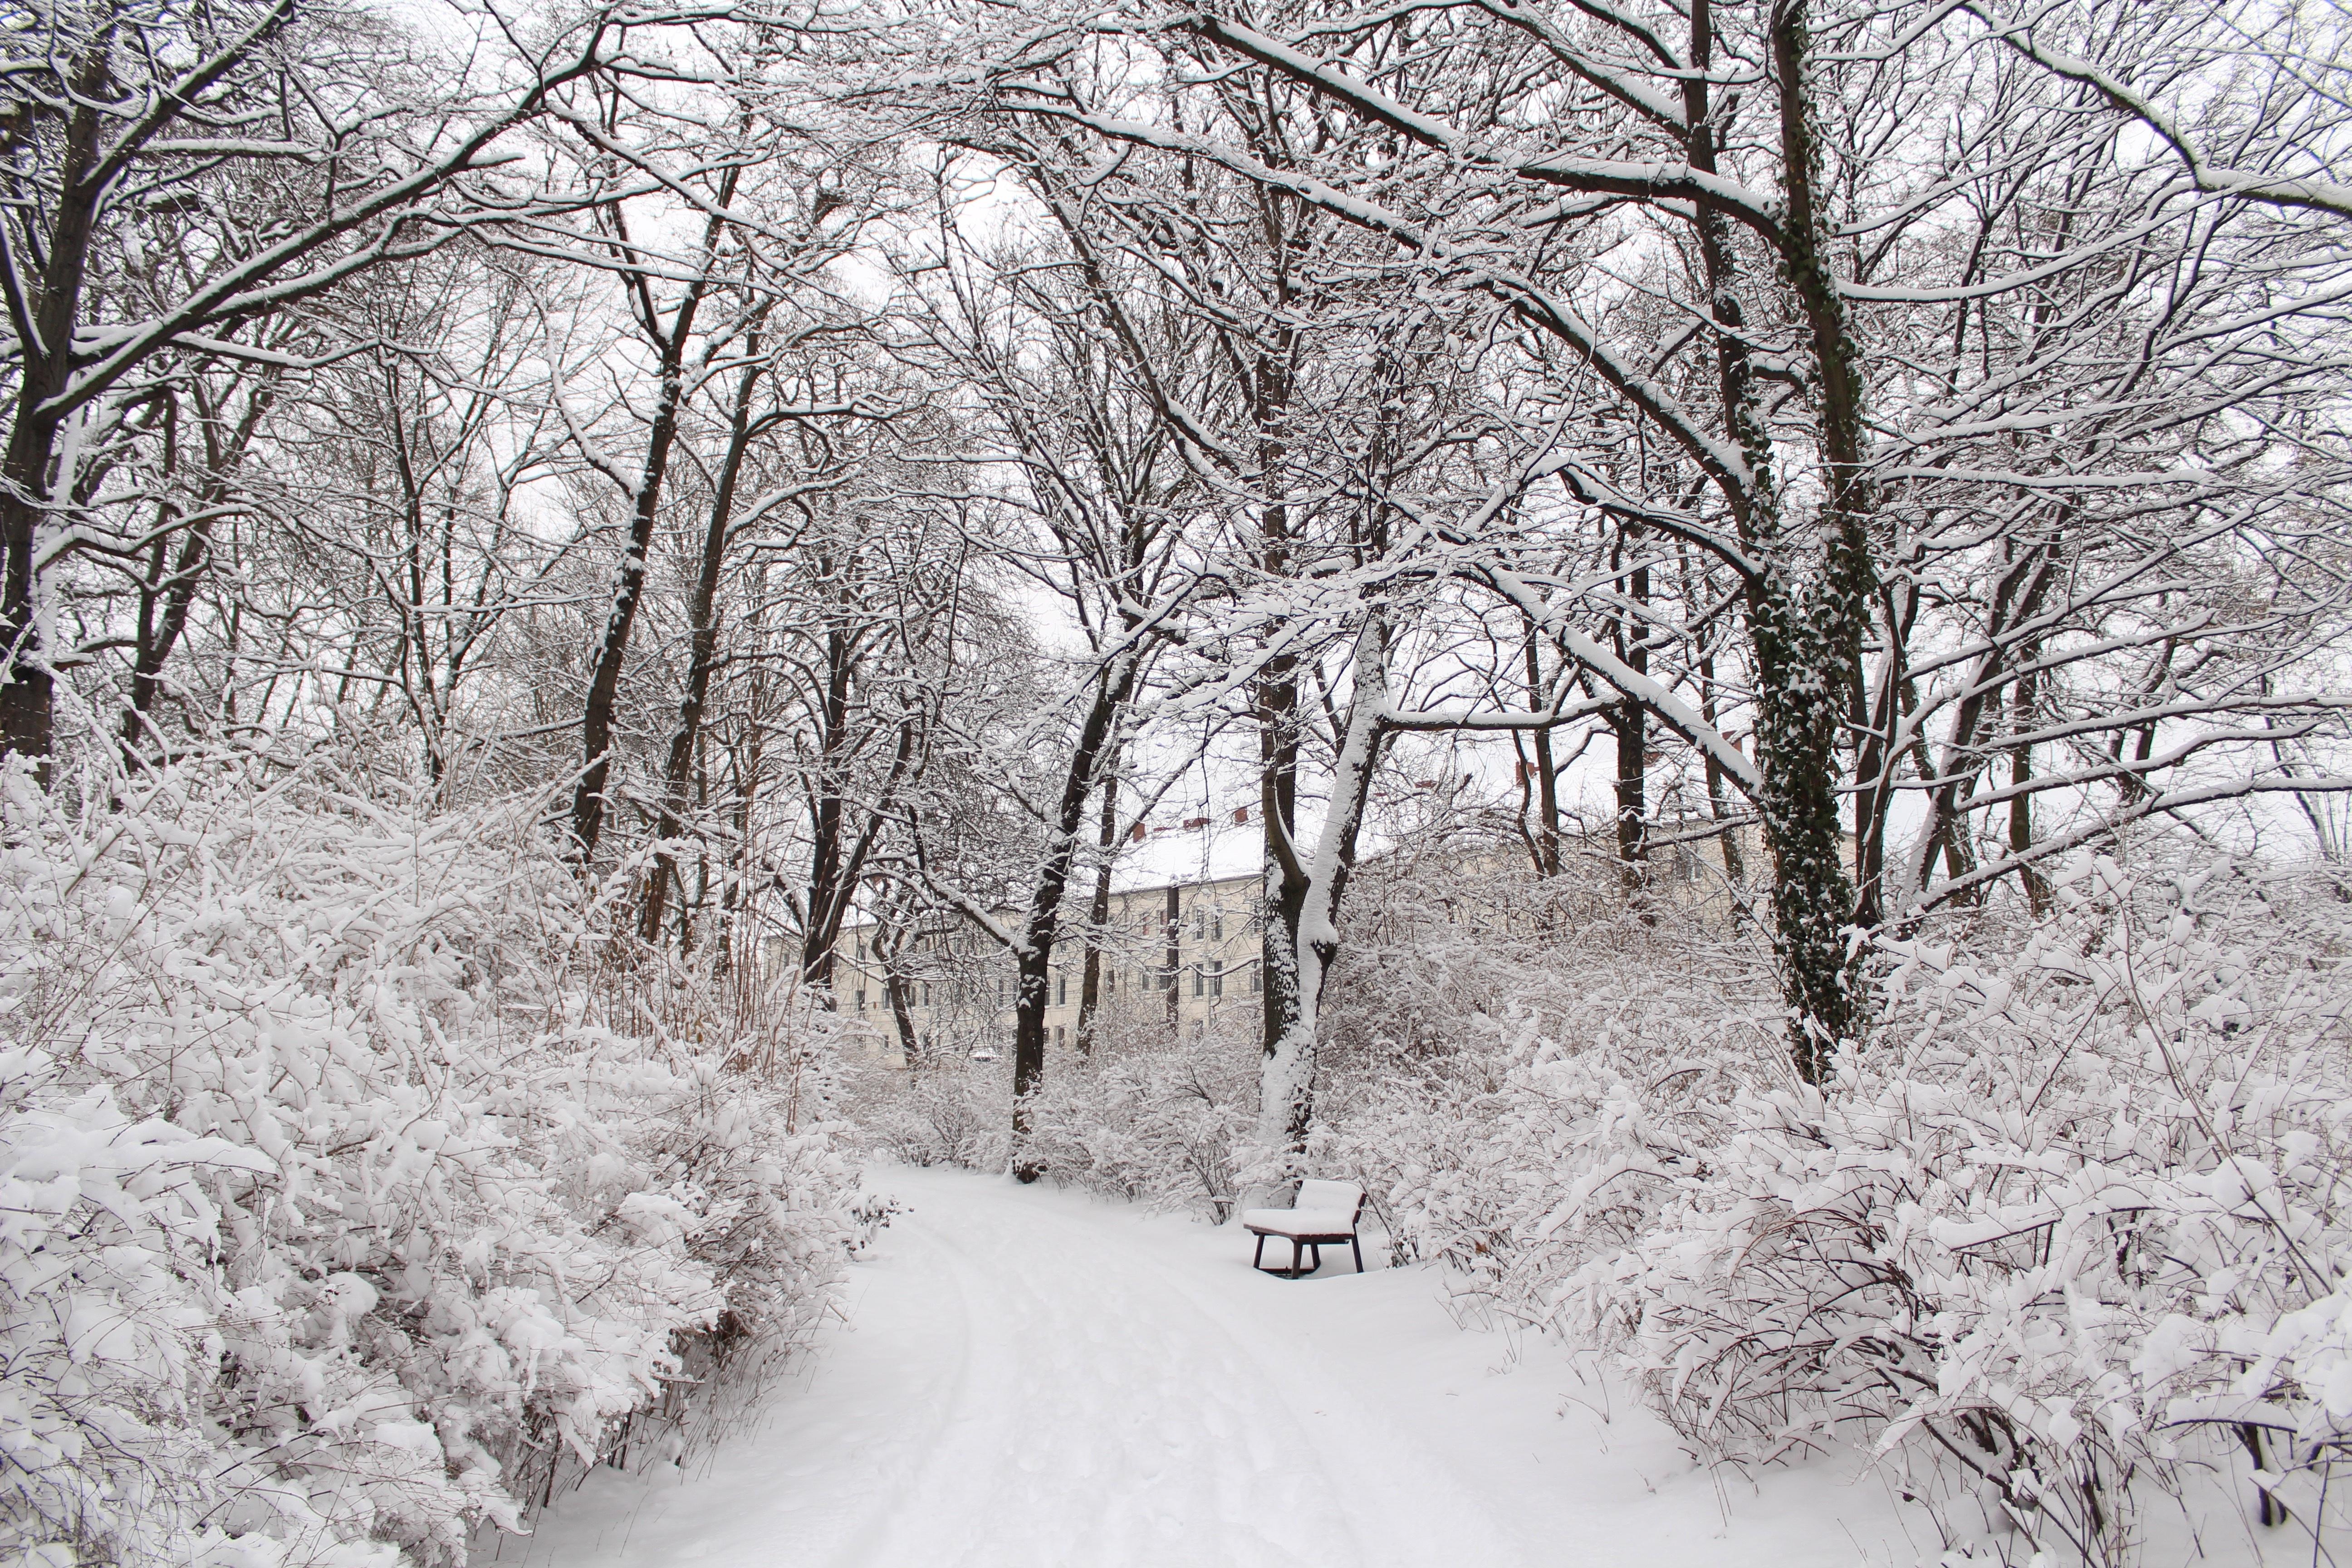 снежная погода картинка